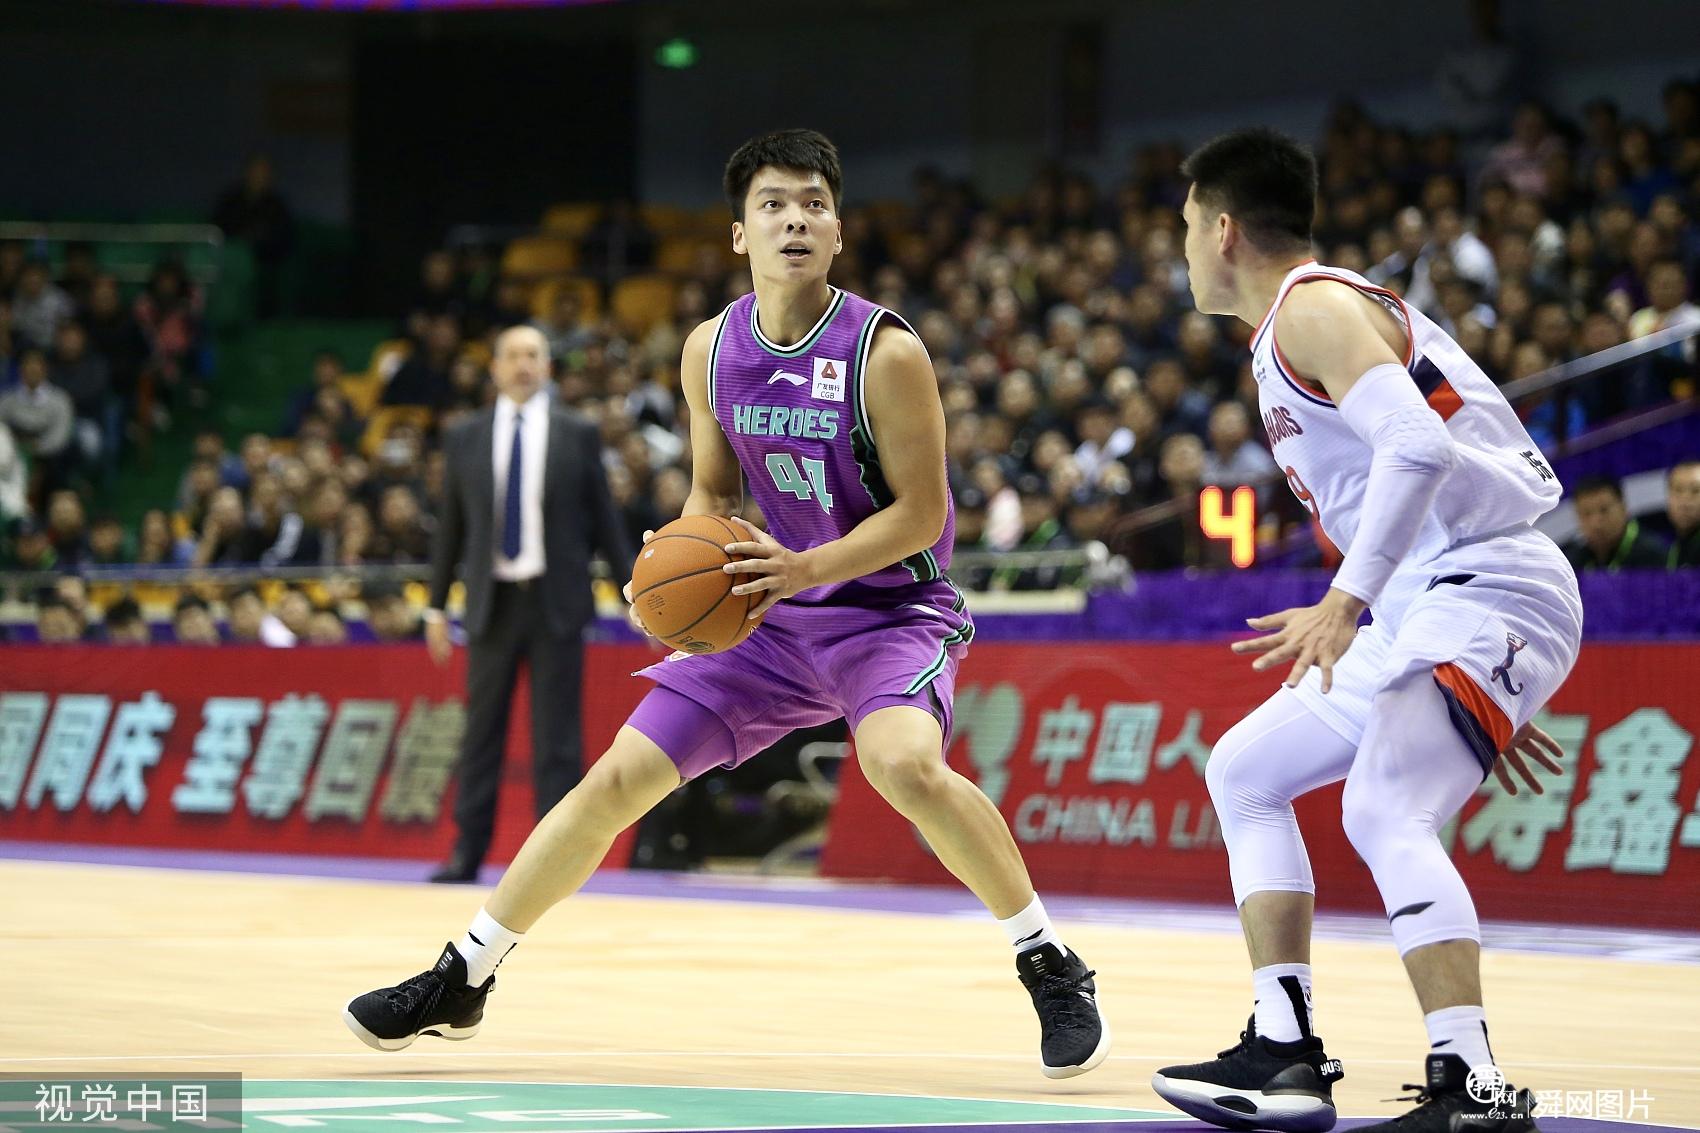 昨晚,山东球迷记住了陈培东!山东男篮上演大逆转 主场1分险胜广州队